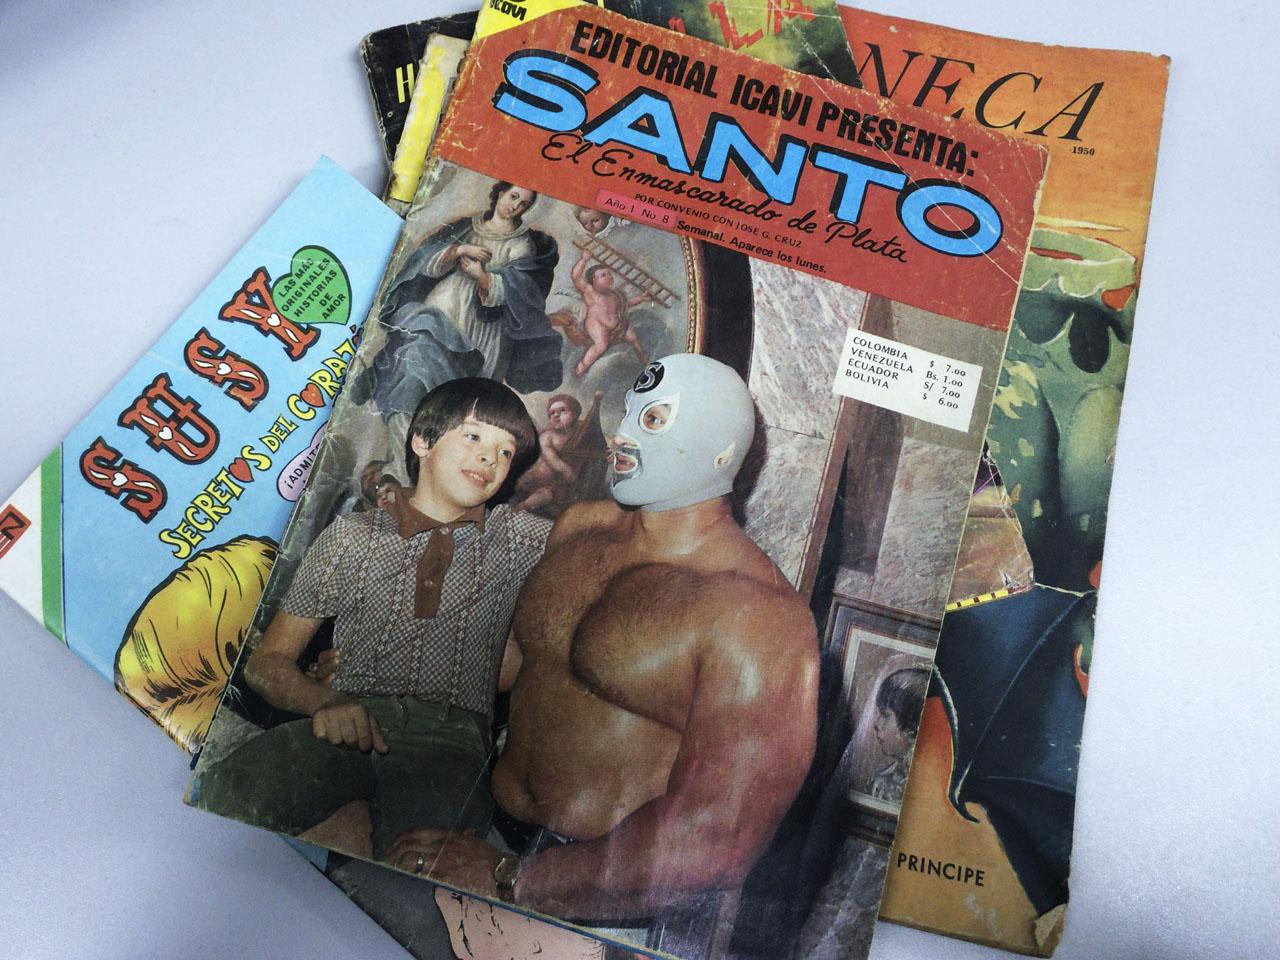 """""""Santo, el enmascarado de plata"""", es uno de los luchadores más famosos de México. En esta fotonovela, se retratan sus aventuras en su faceta de superhéroe."""